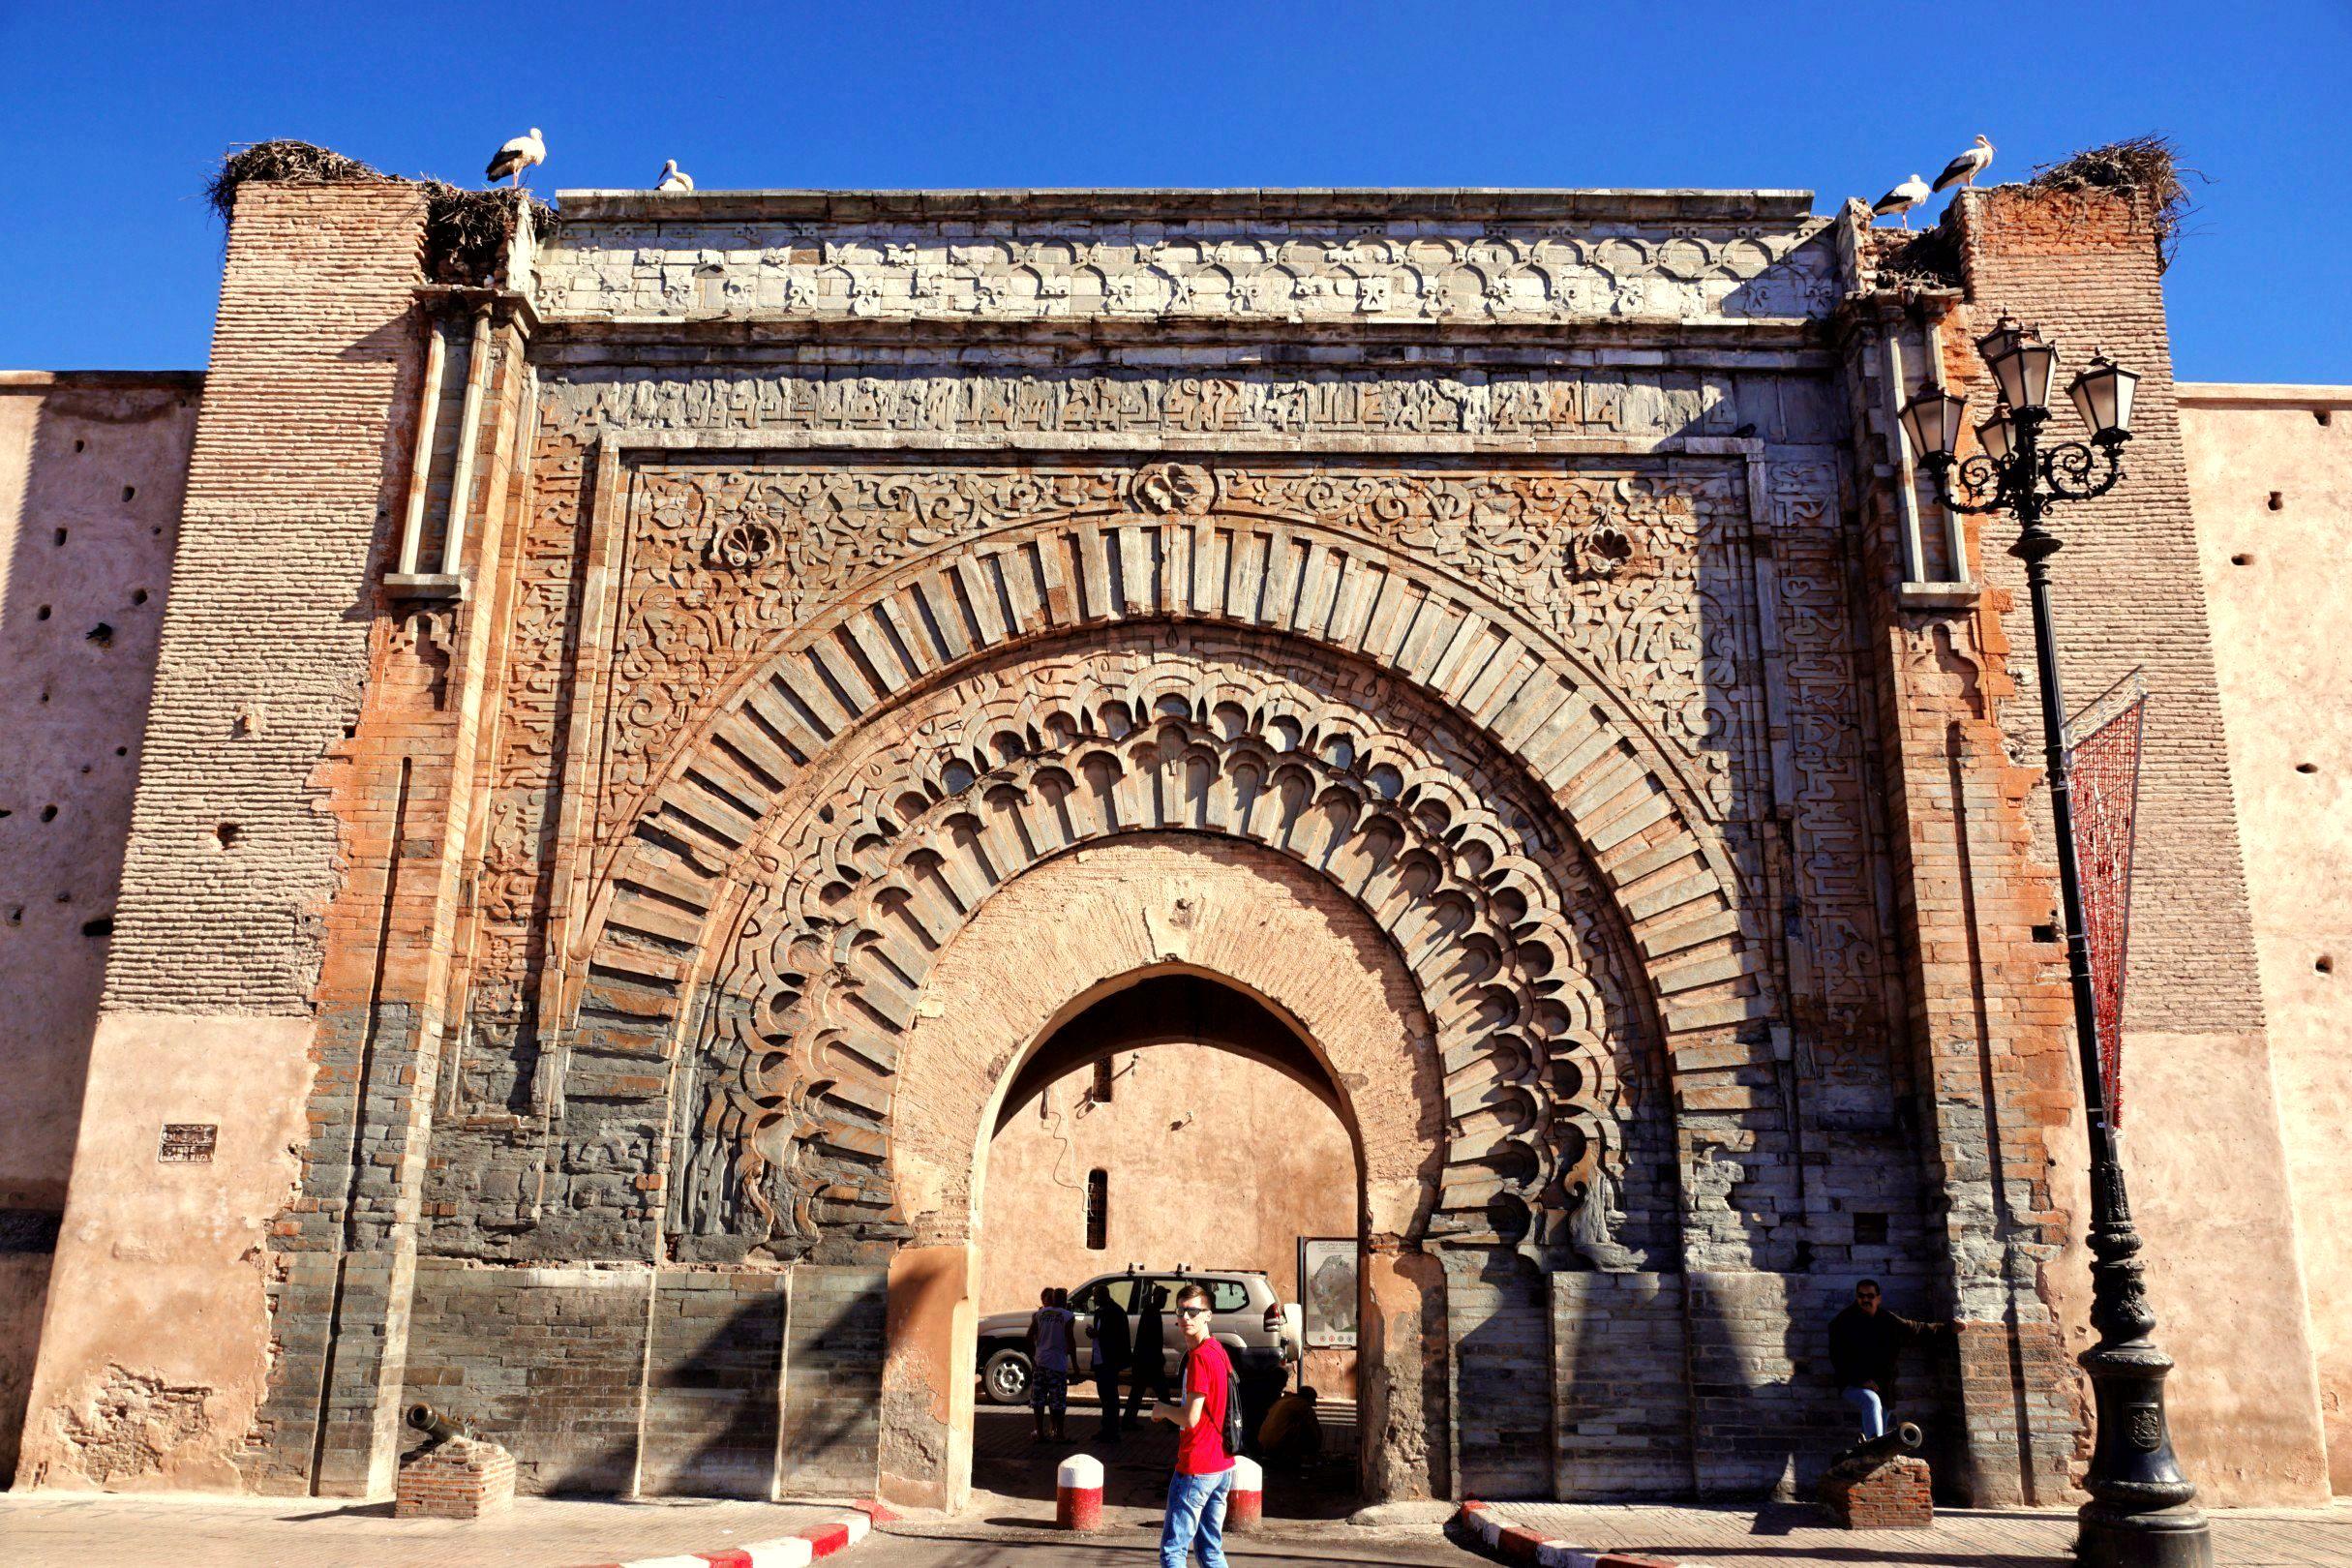 Bab Agnaou - najpiękniejsza i najsłynniejsza brama Marrakeszu